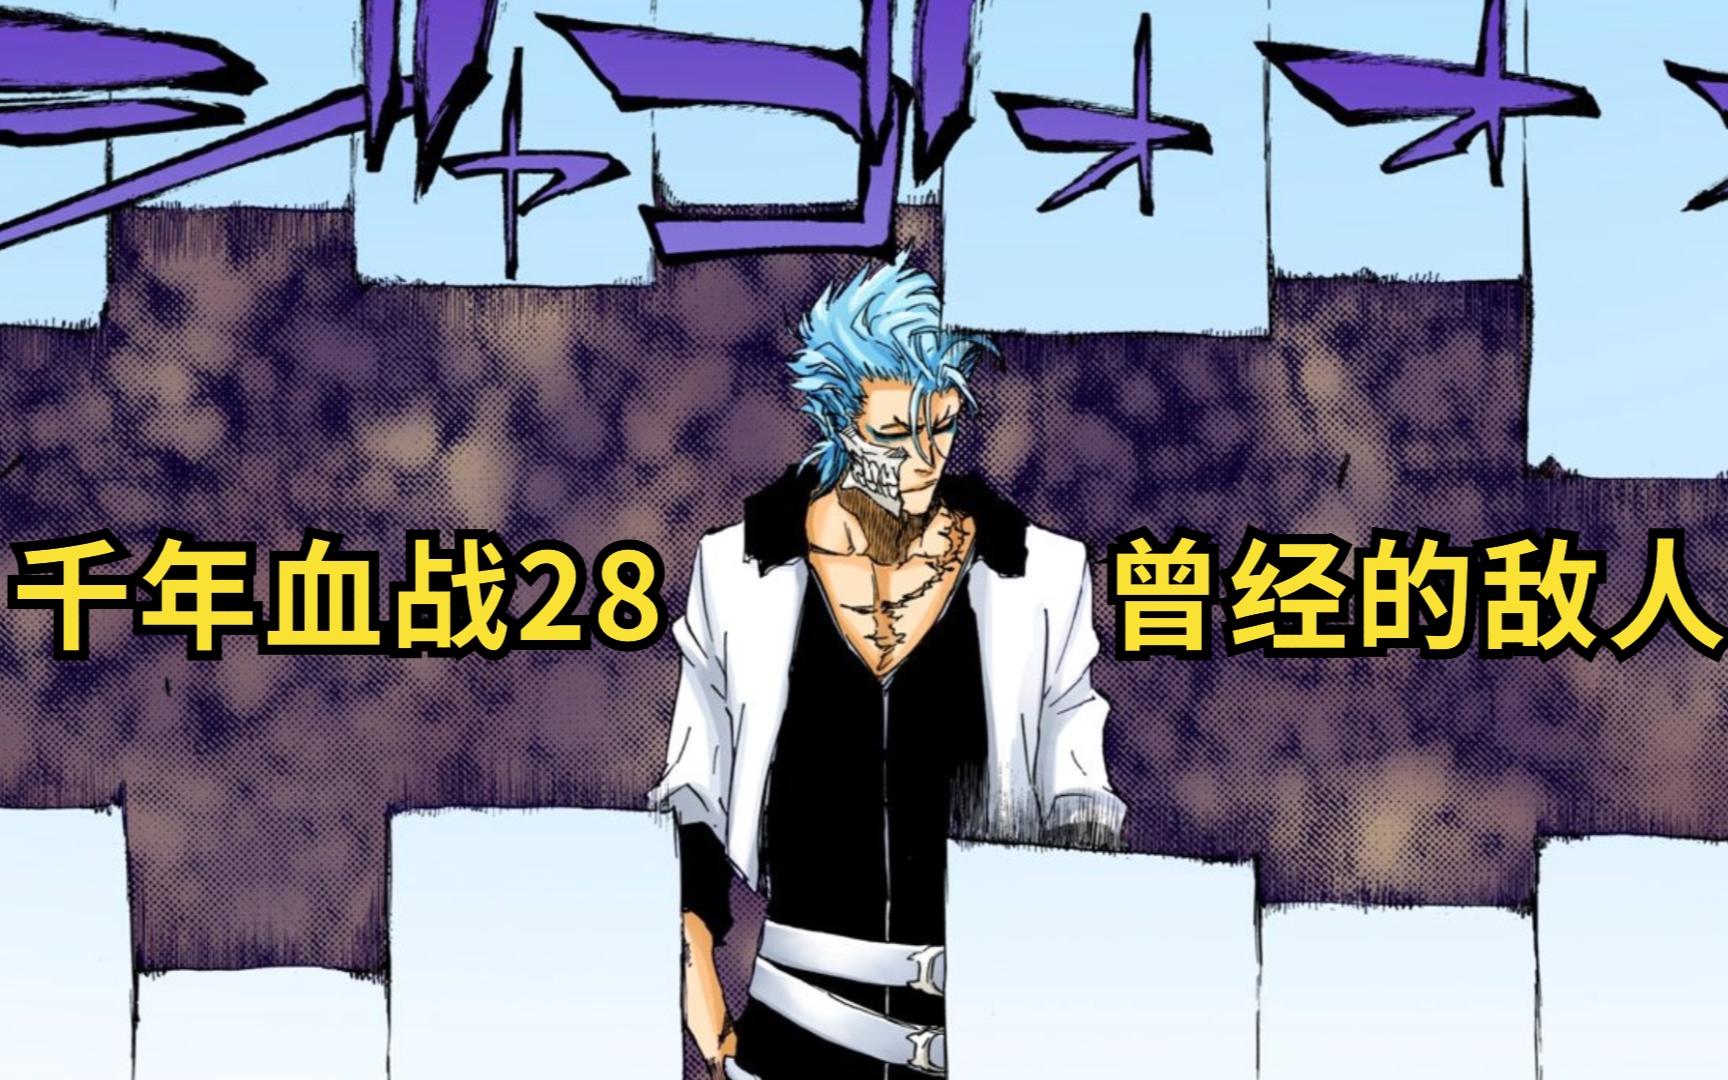 被制服的蓝染与豹王葛力姆乔 死神千年血战28